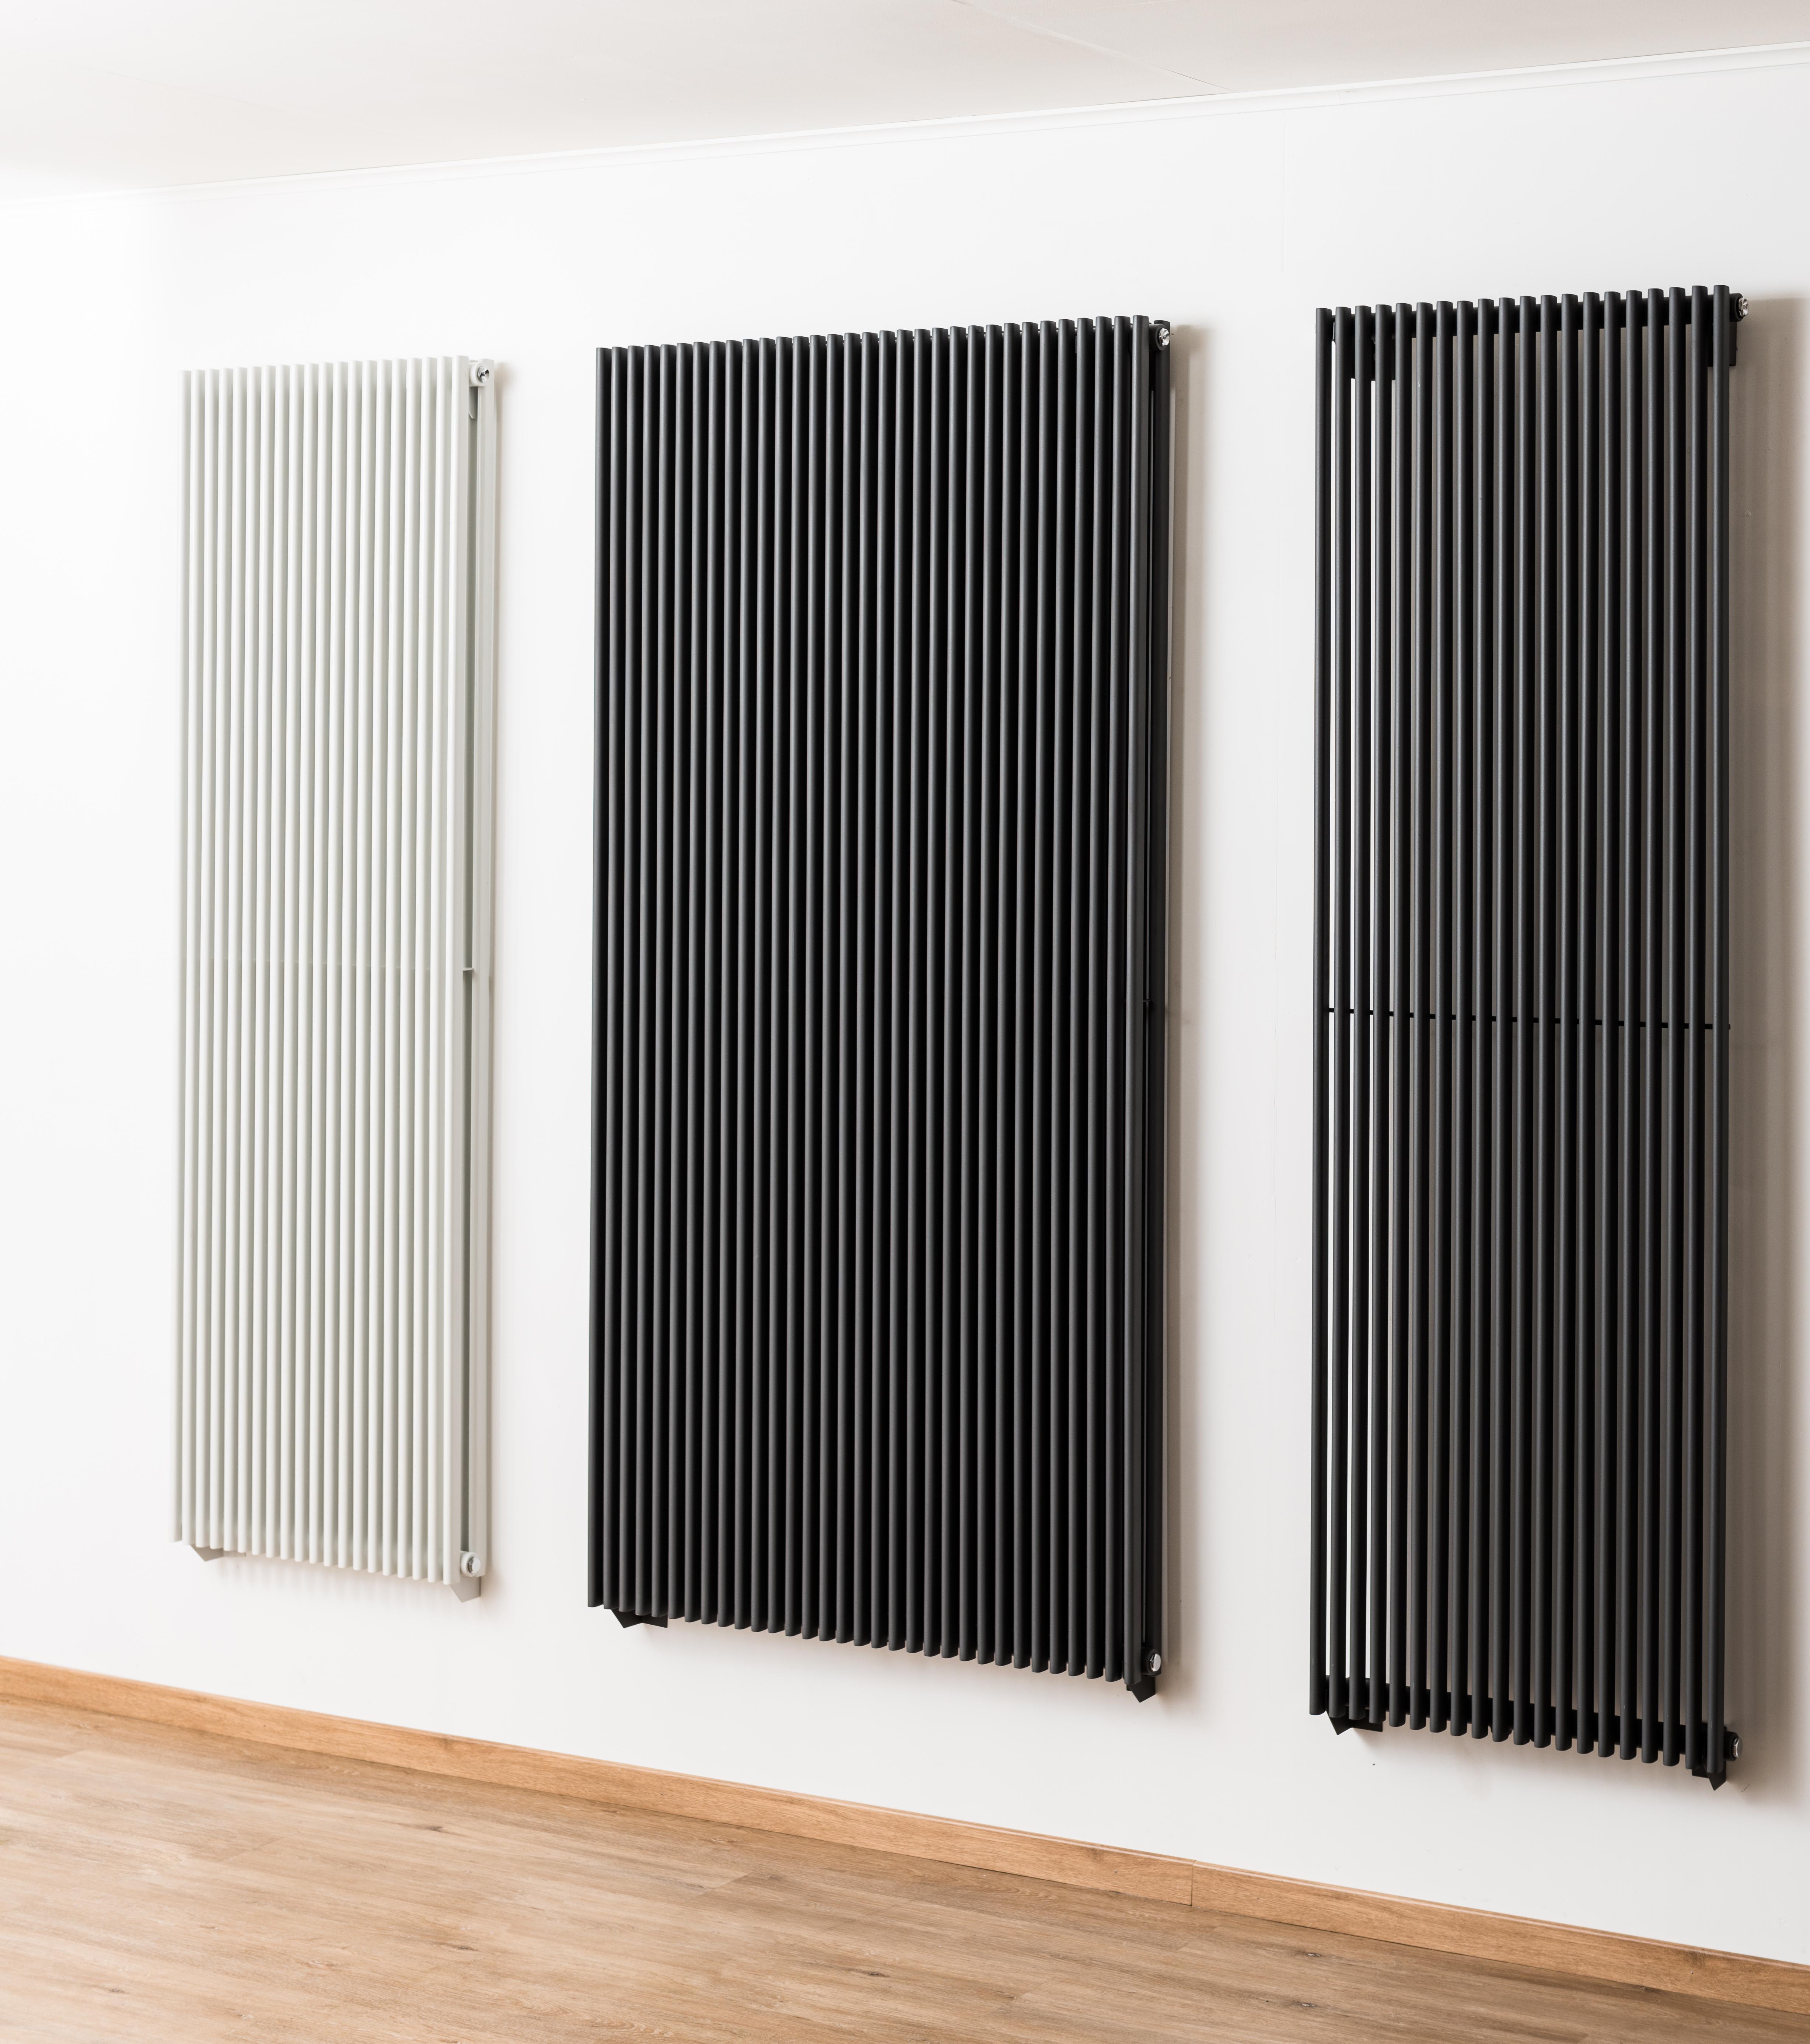 Verticale Verwarming Radiator.Kwalitatief Design Aan Betaalbare Prijzen